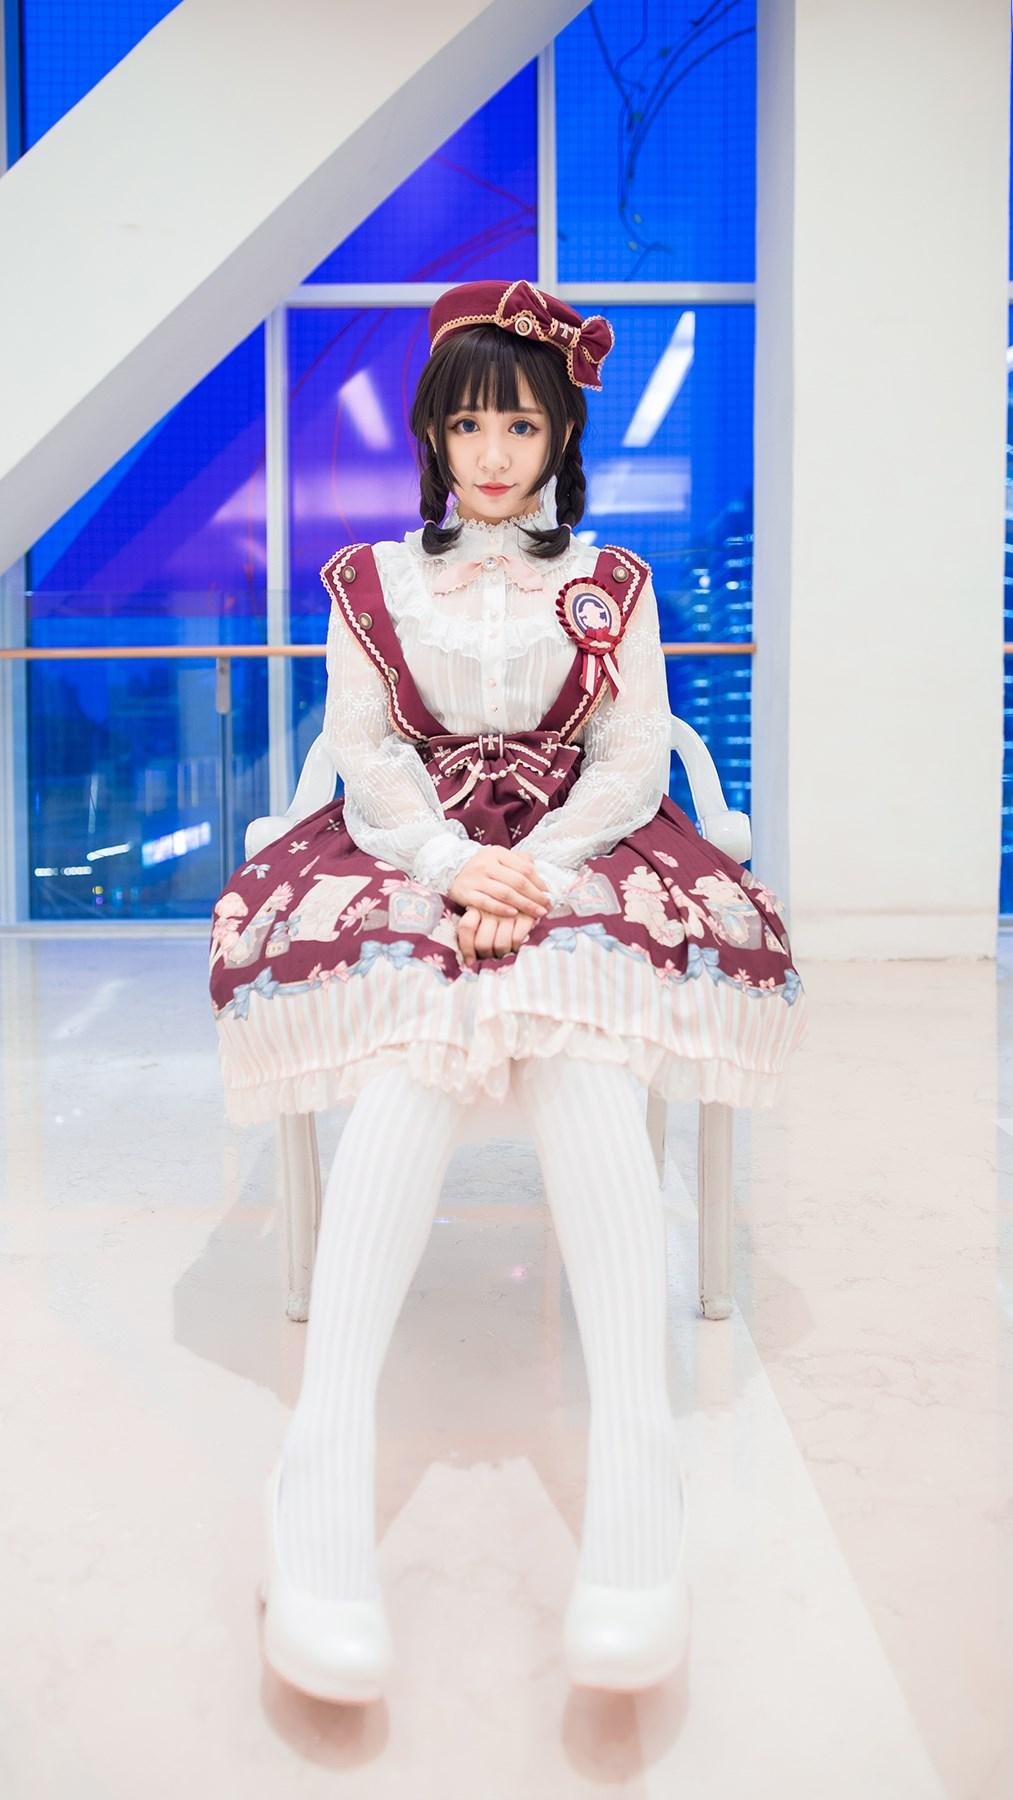 【兔玩映画】小裙子 兔玩映画 第25张